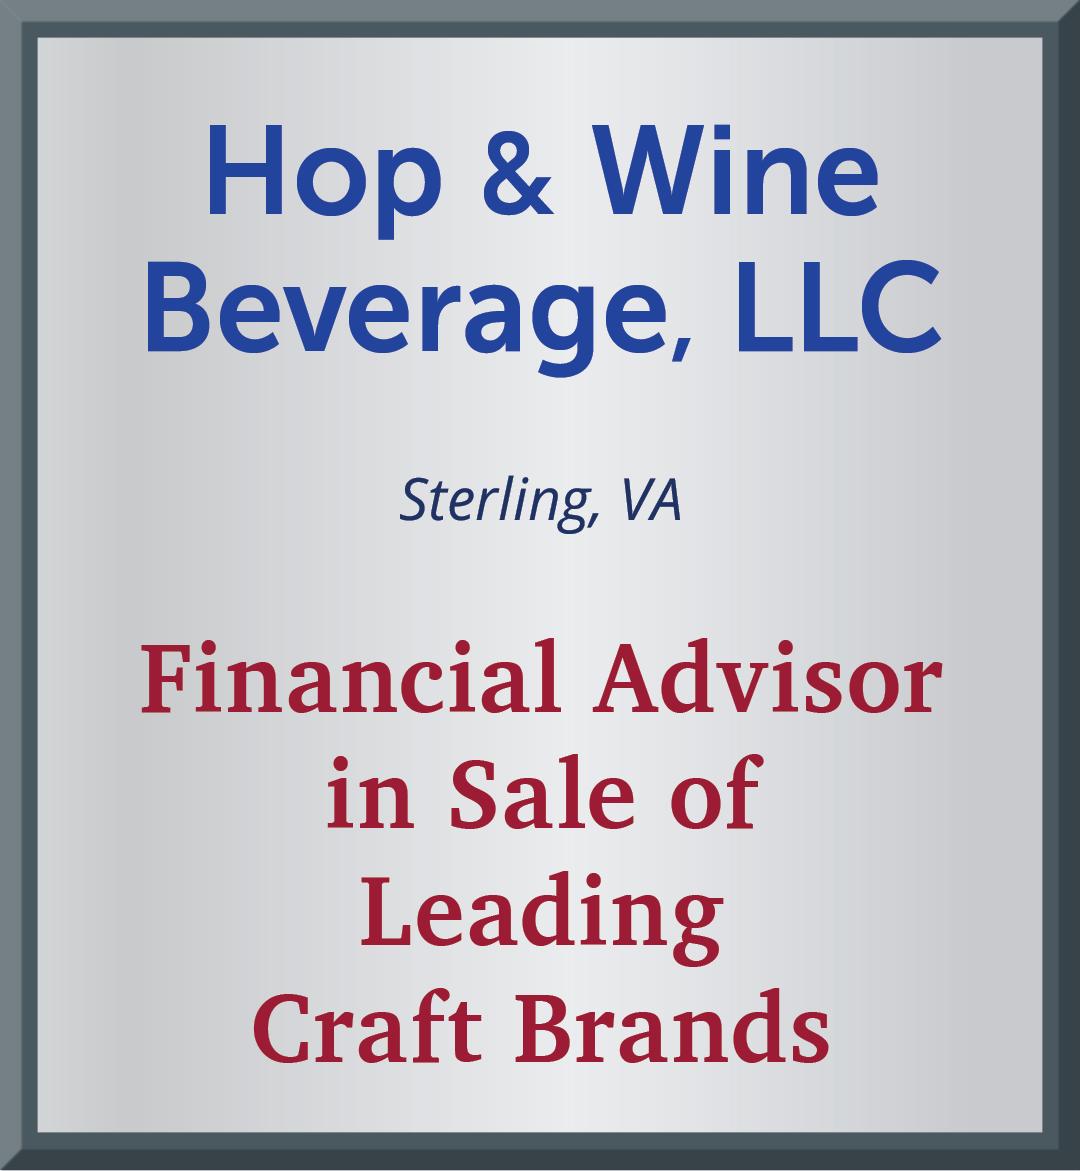 Hop-Wine-Beverage